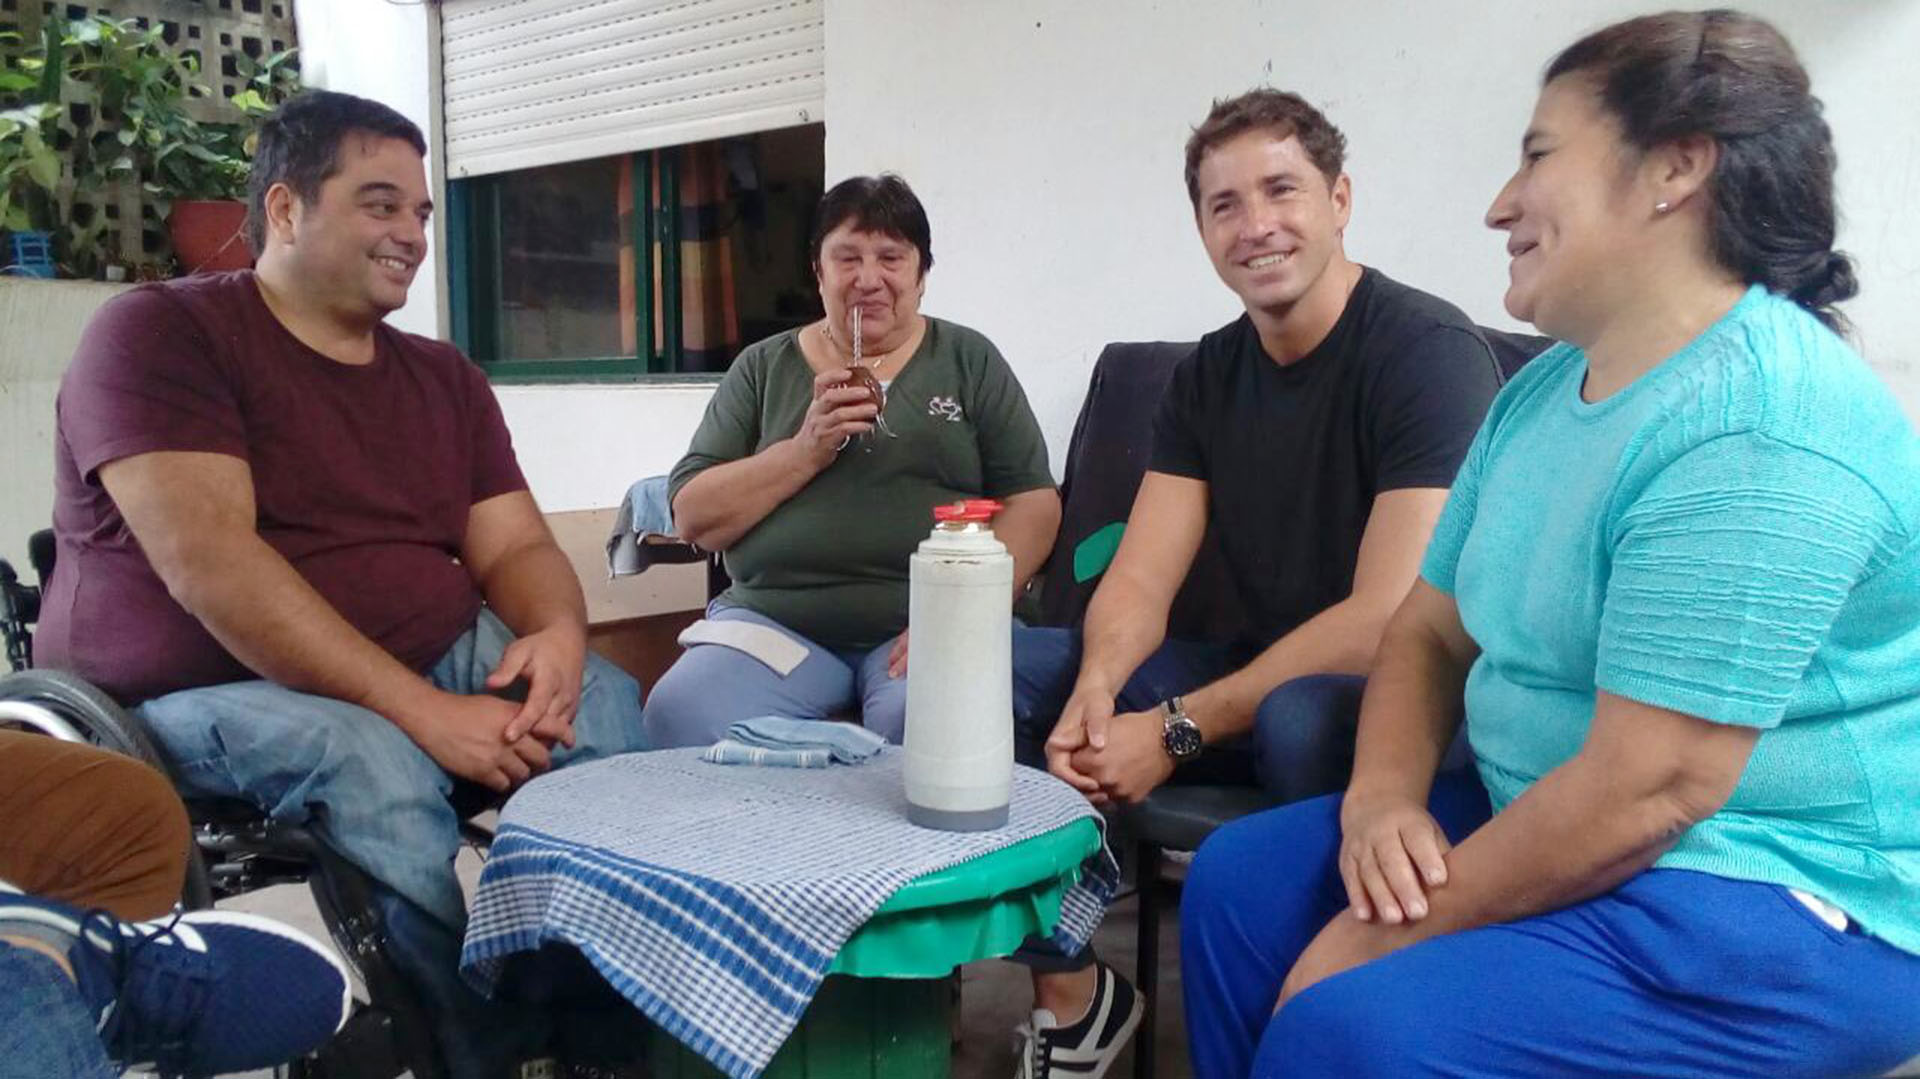 El Ministro de Trabajo, Jorge Triaca, y el referente local de Esteban Echeverría, Evert Van Tooren, recorrieron la localidad de Luis Guillón